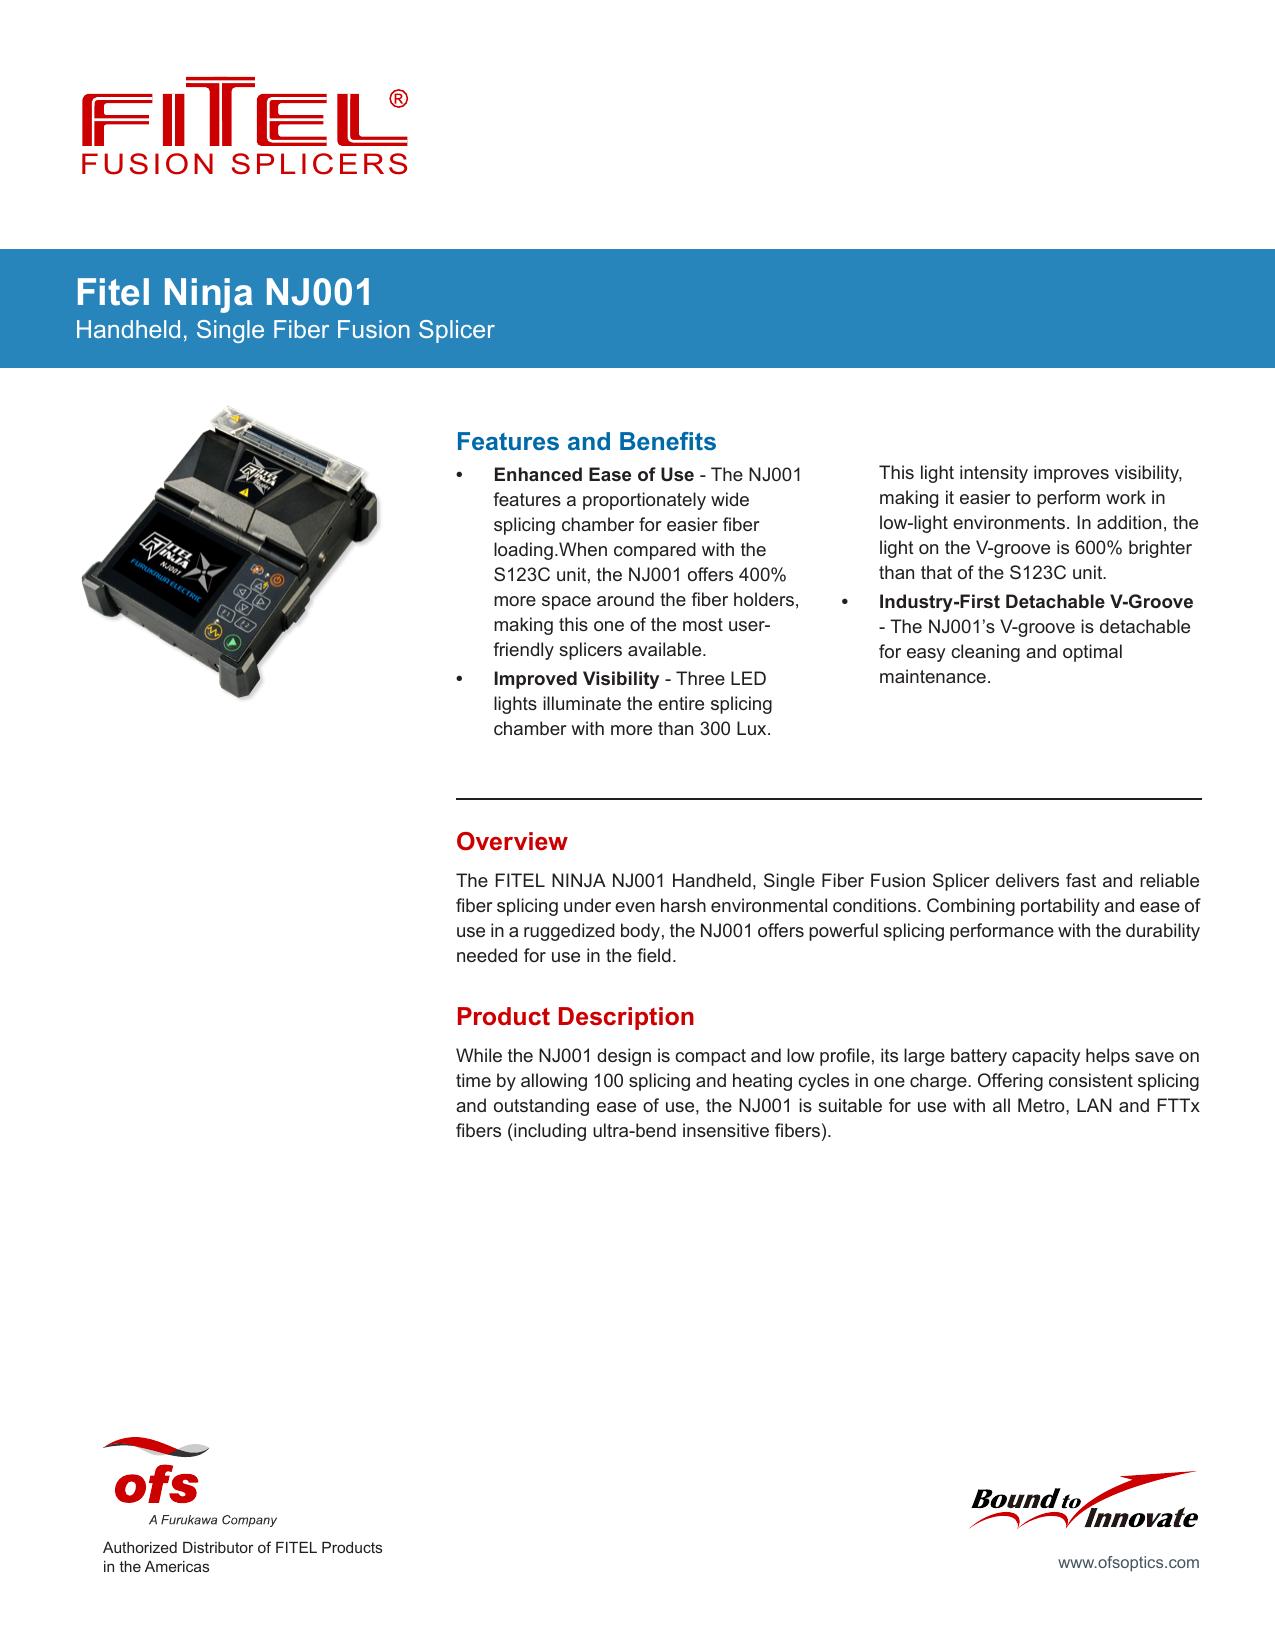 Fitel Ninja NJ001 - Fiber Optic Cables, Connectors, &